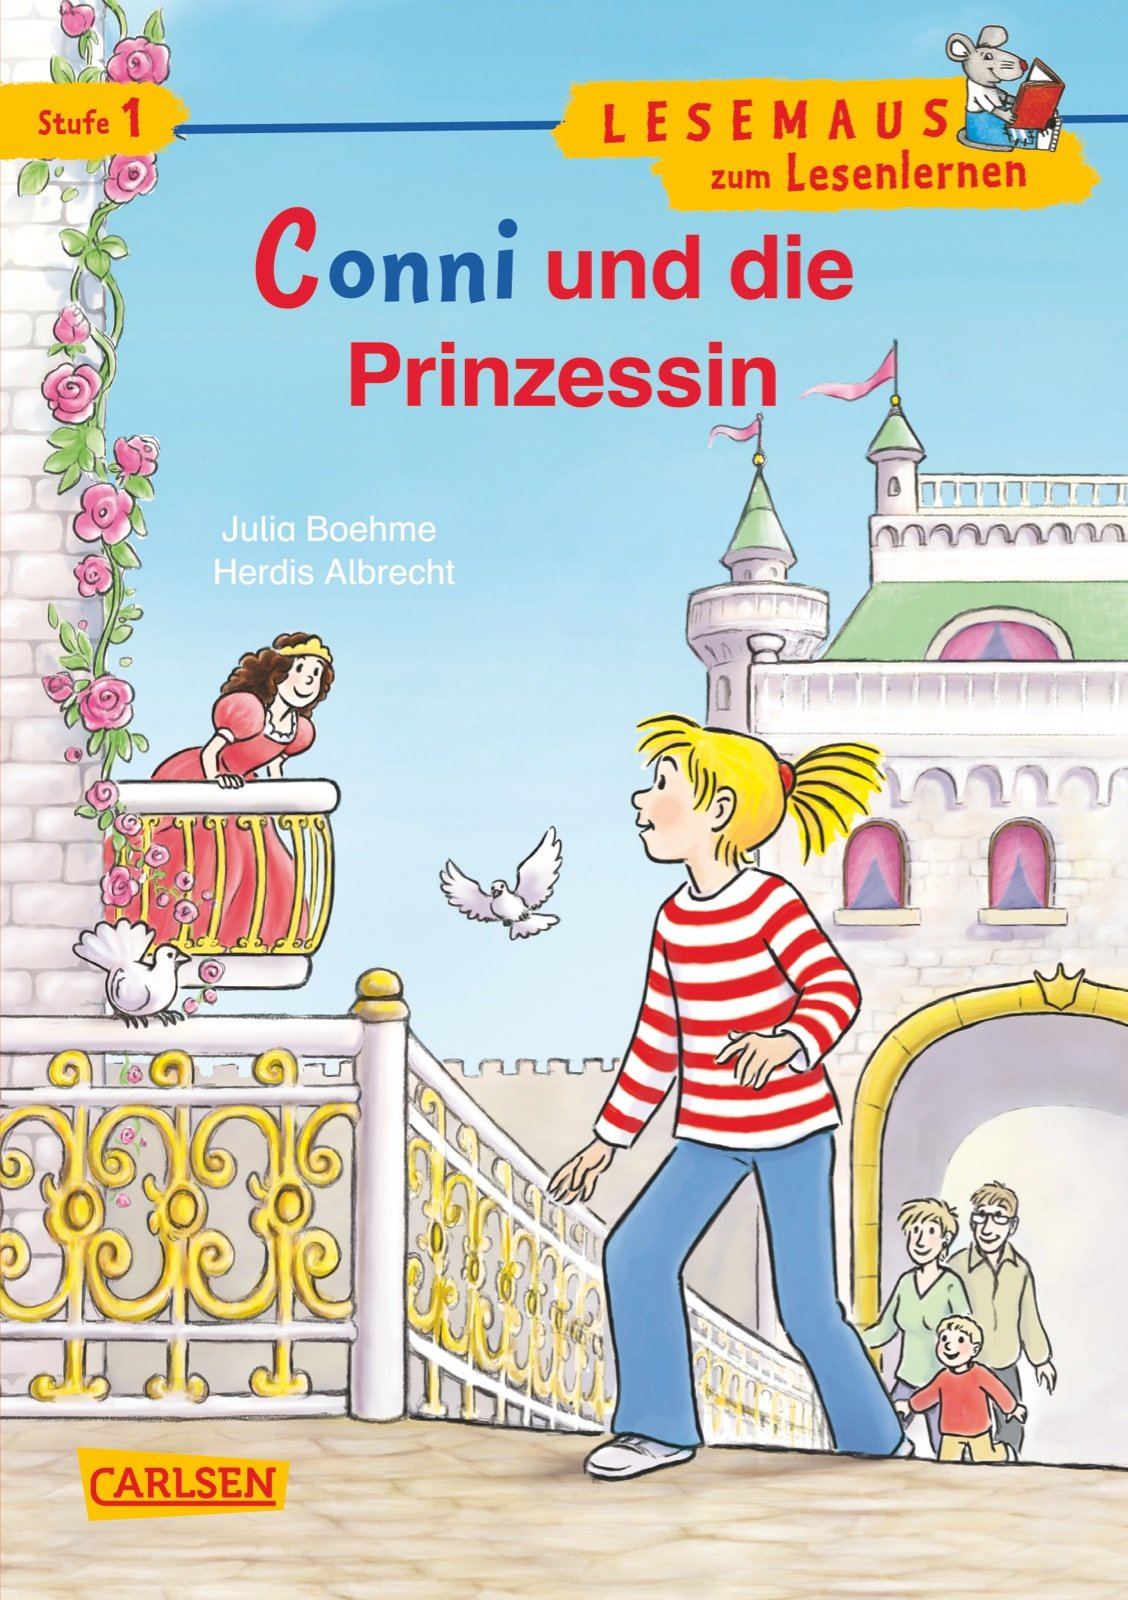 LESEMAUS zum Lesenlernen Stufe 1: Conni und die Prinzessin